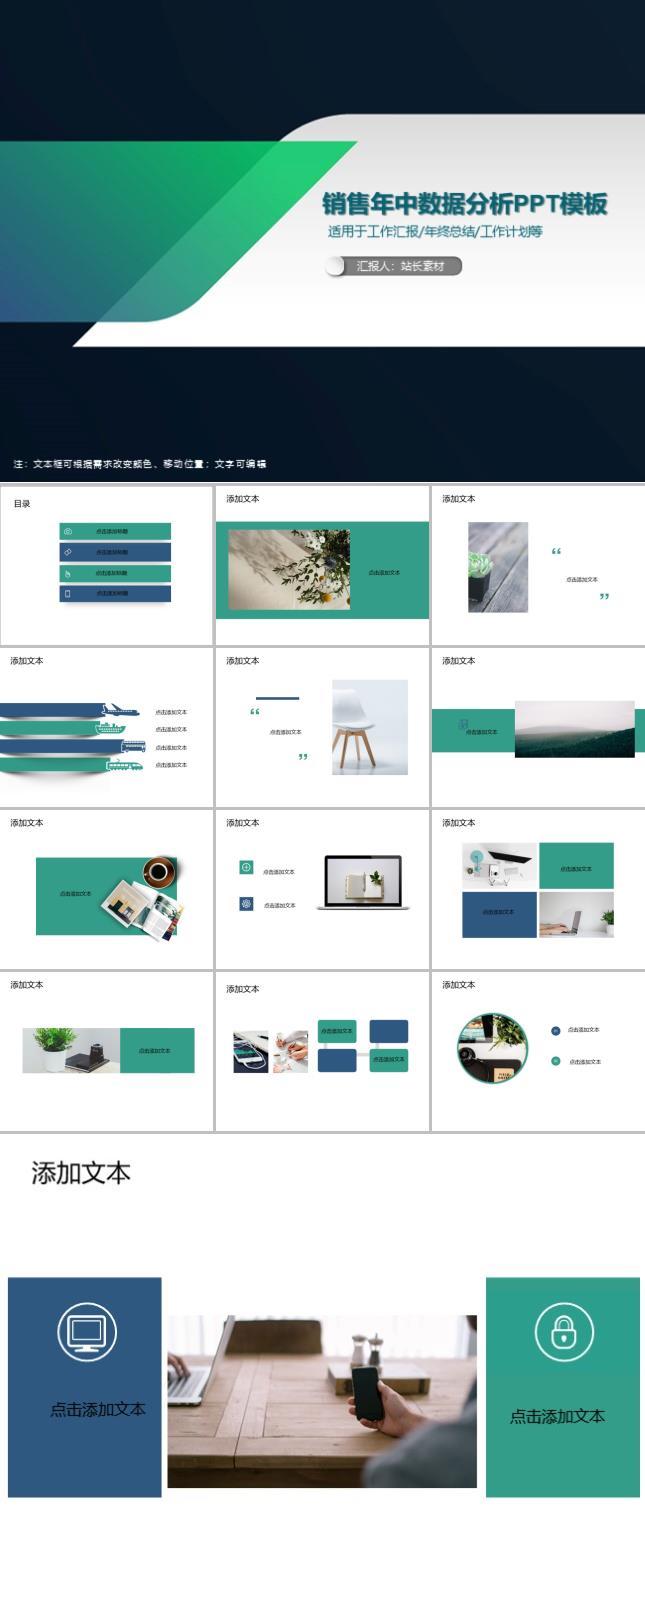 销售年中数据分析ppt模板